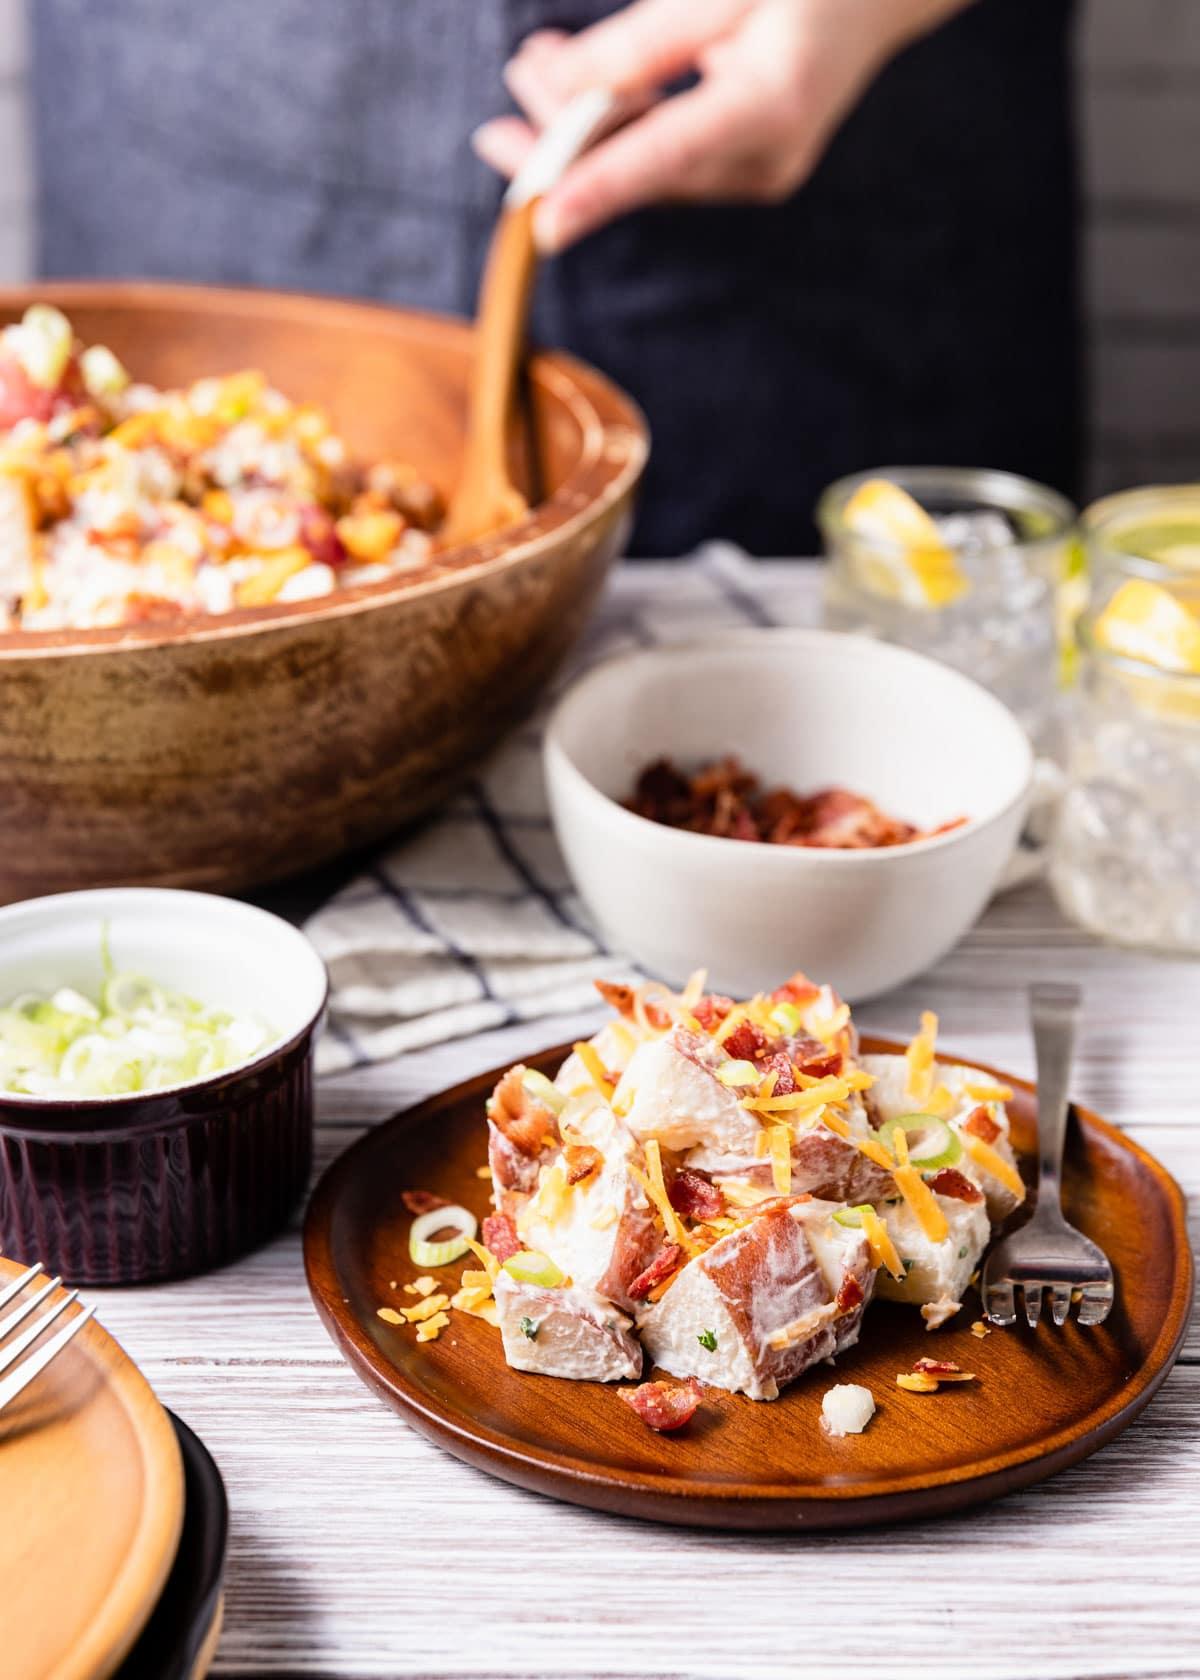 Loaded Potato Salad With Bacon Recipe